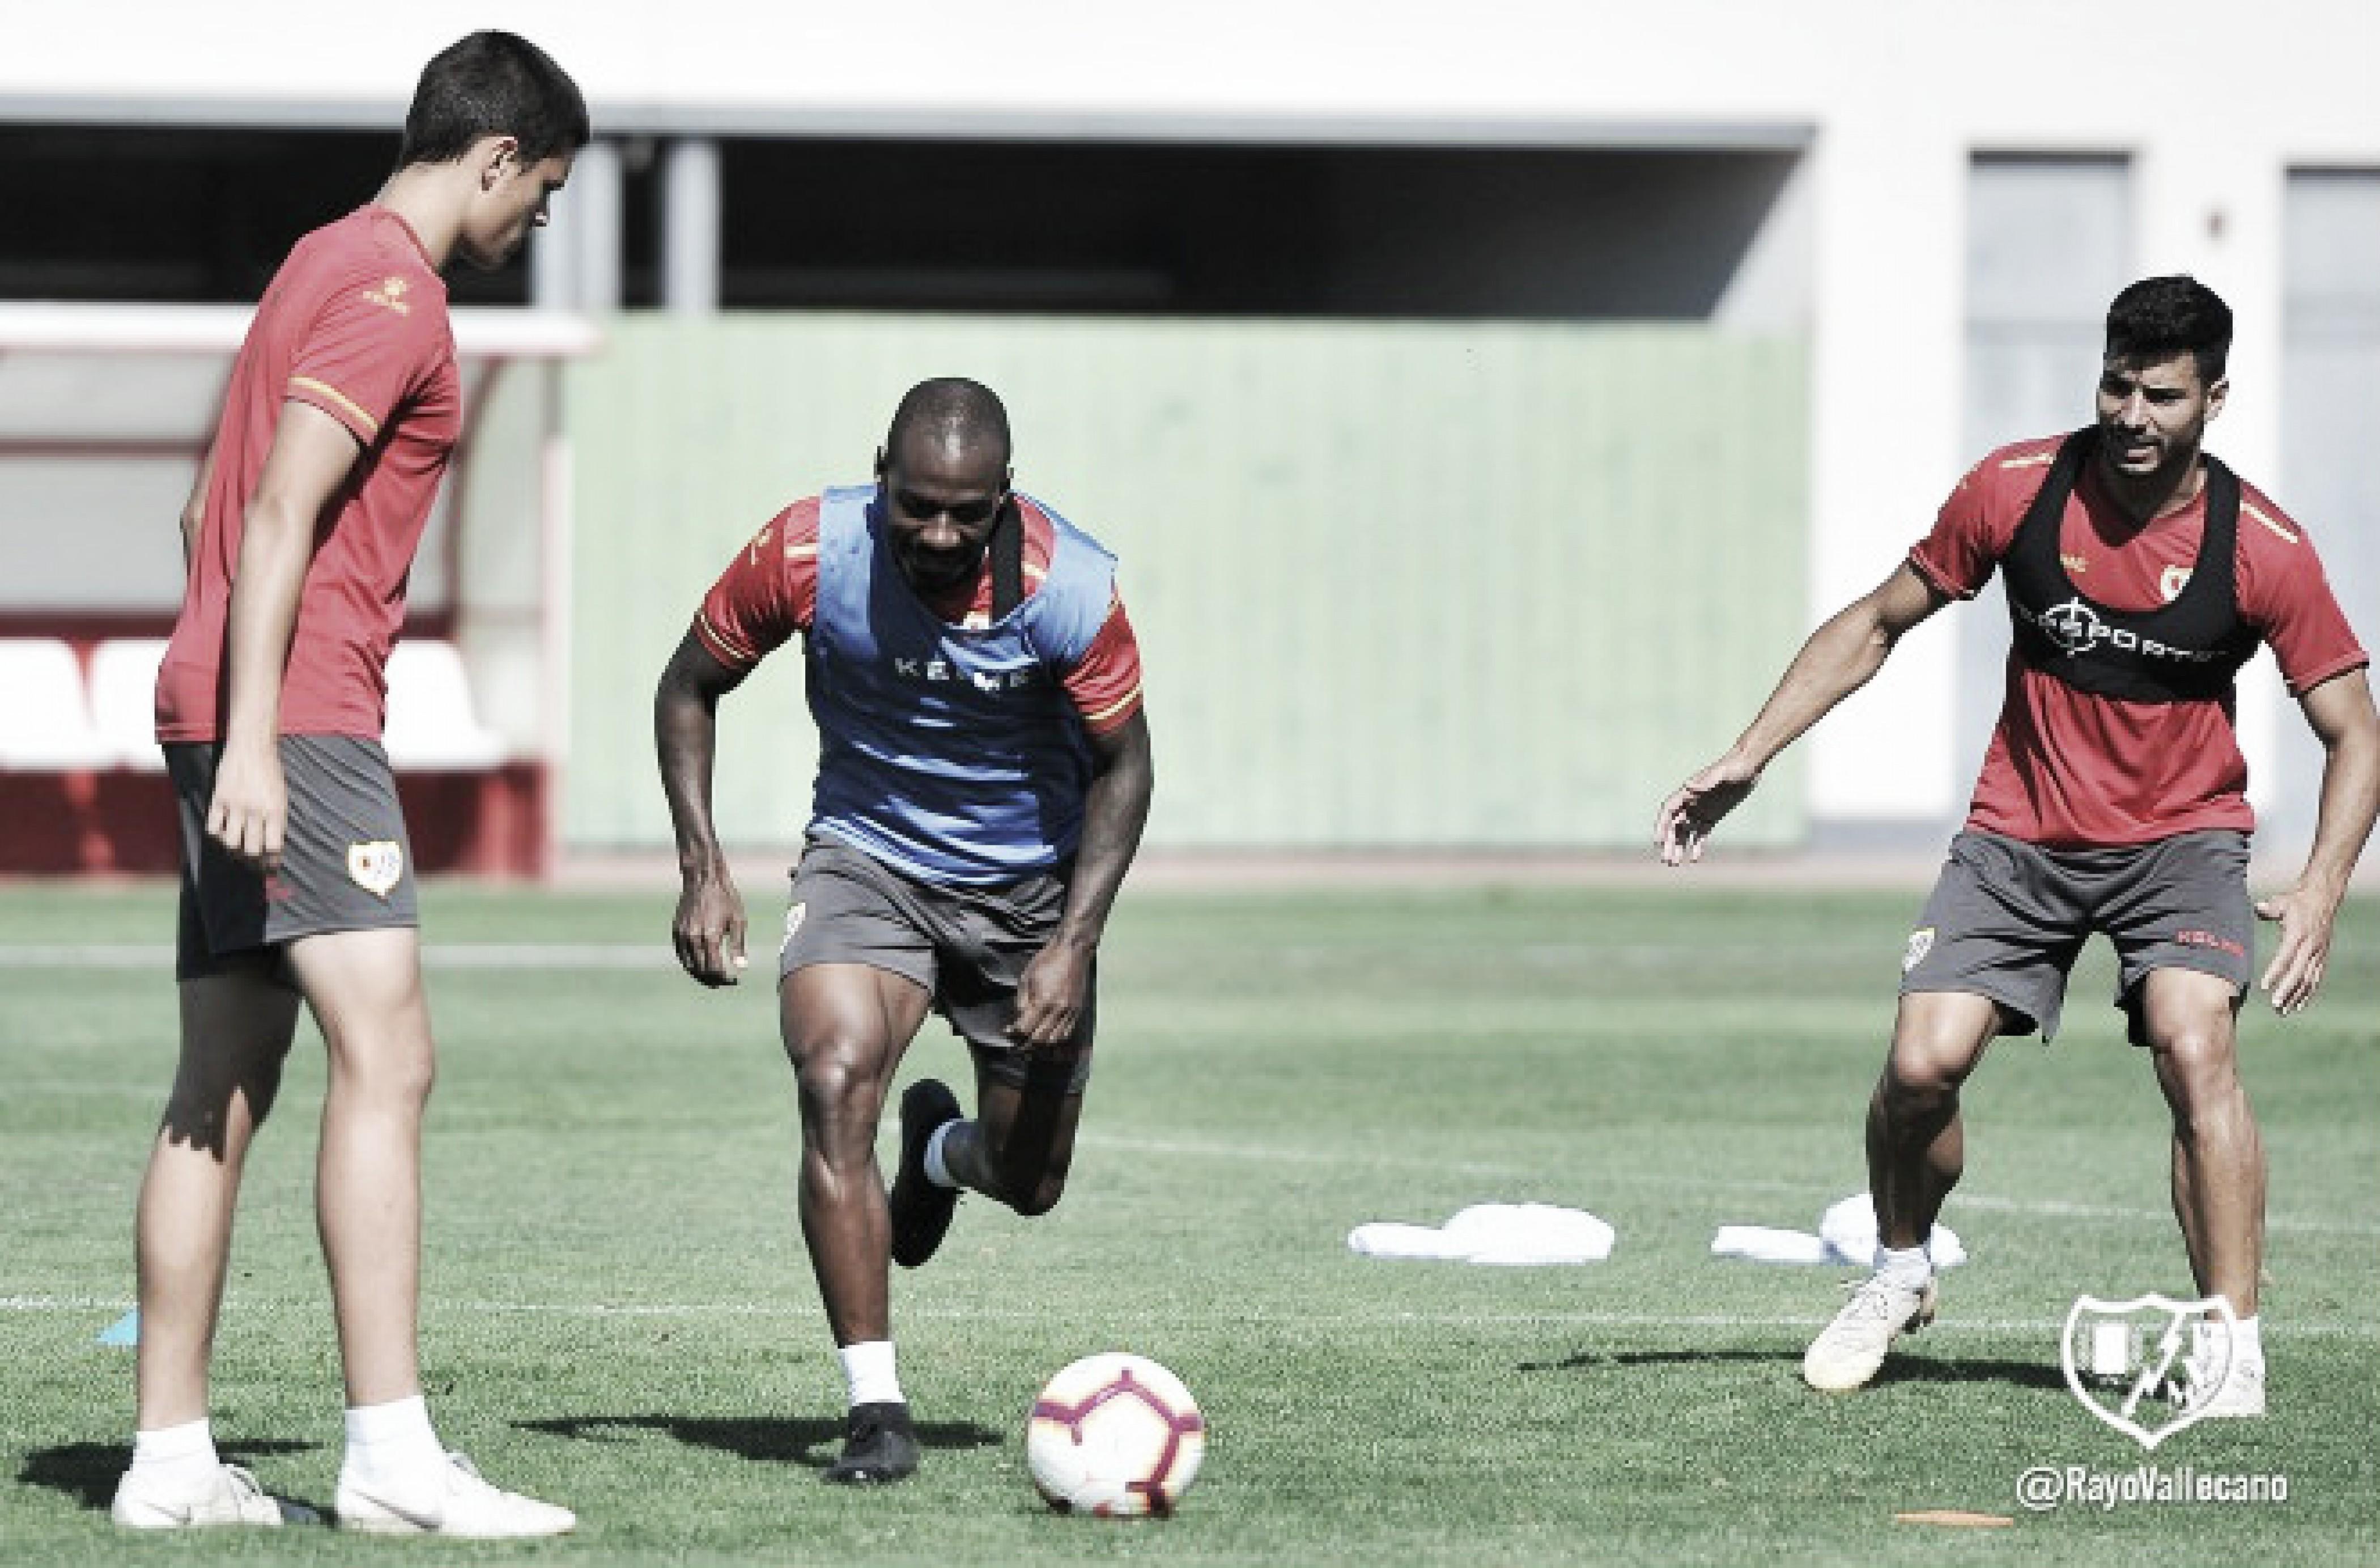 Doble sesión para empezar a preparar la semana ante el Huesca